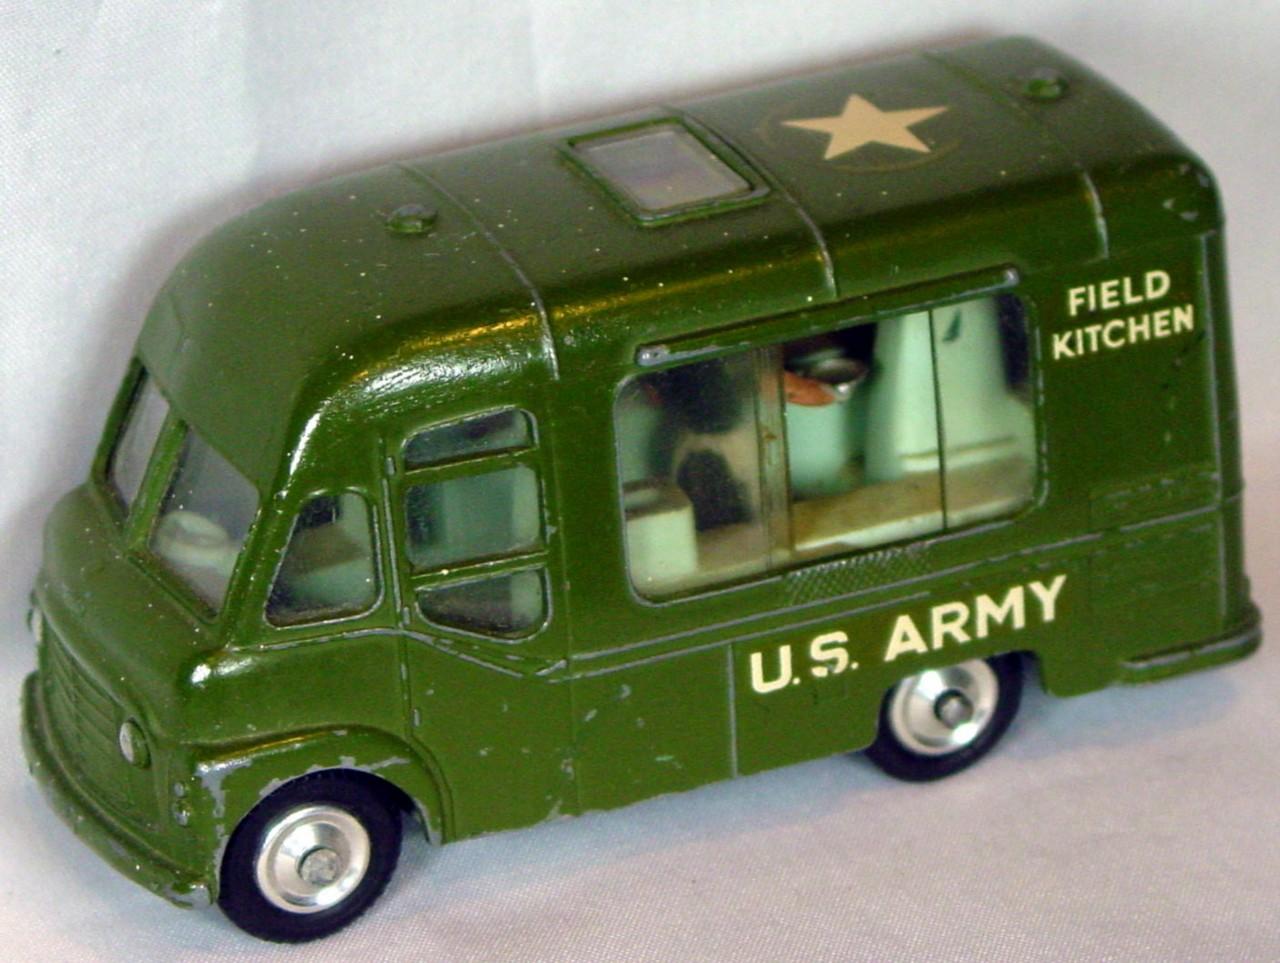 Corgi 359 A - Army Field Kitchen